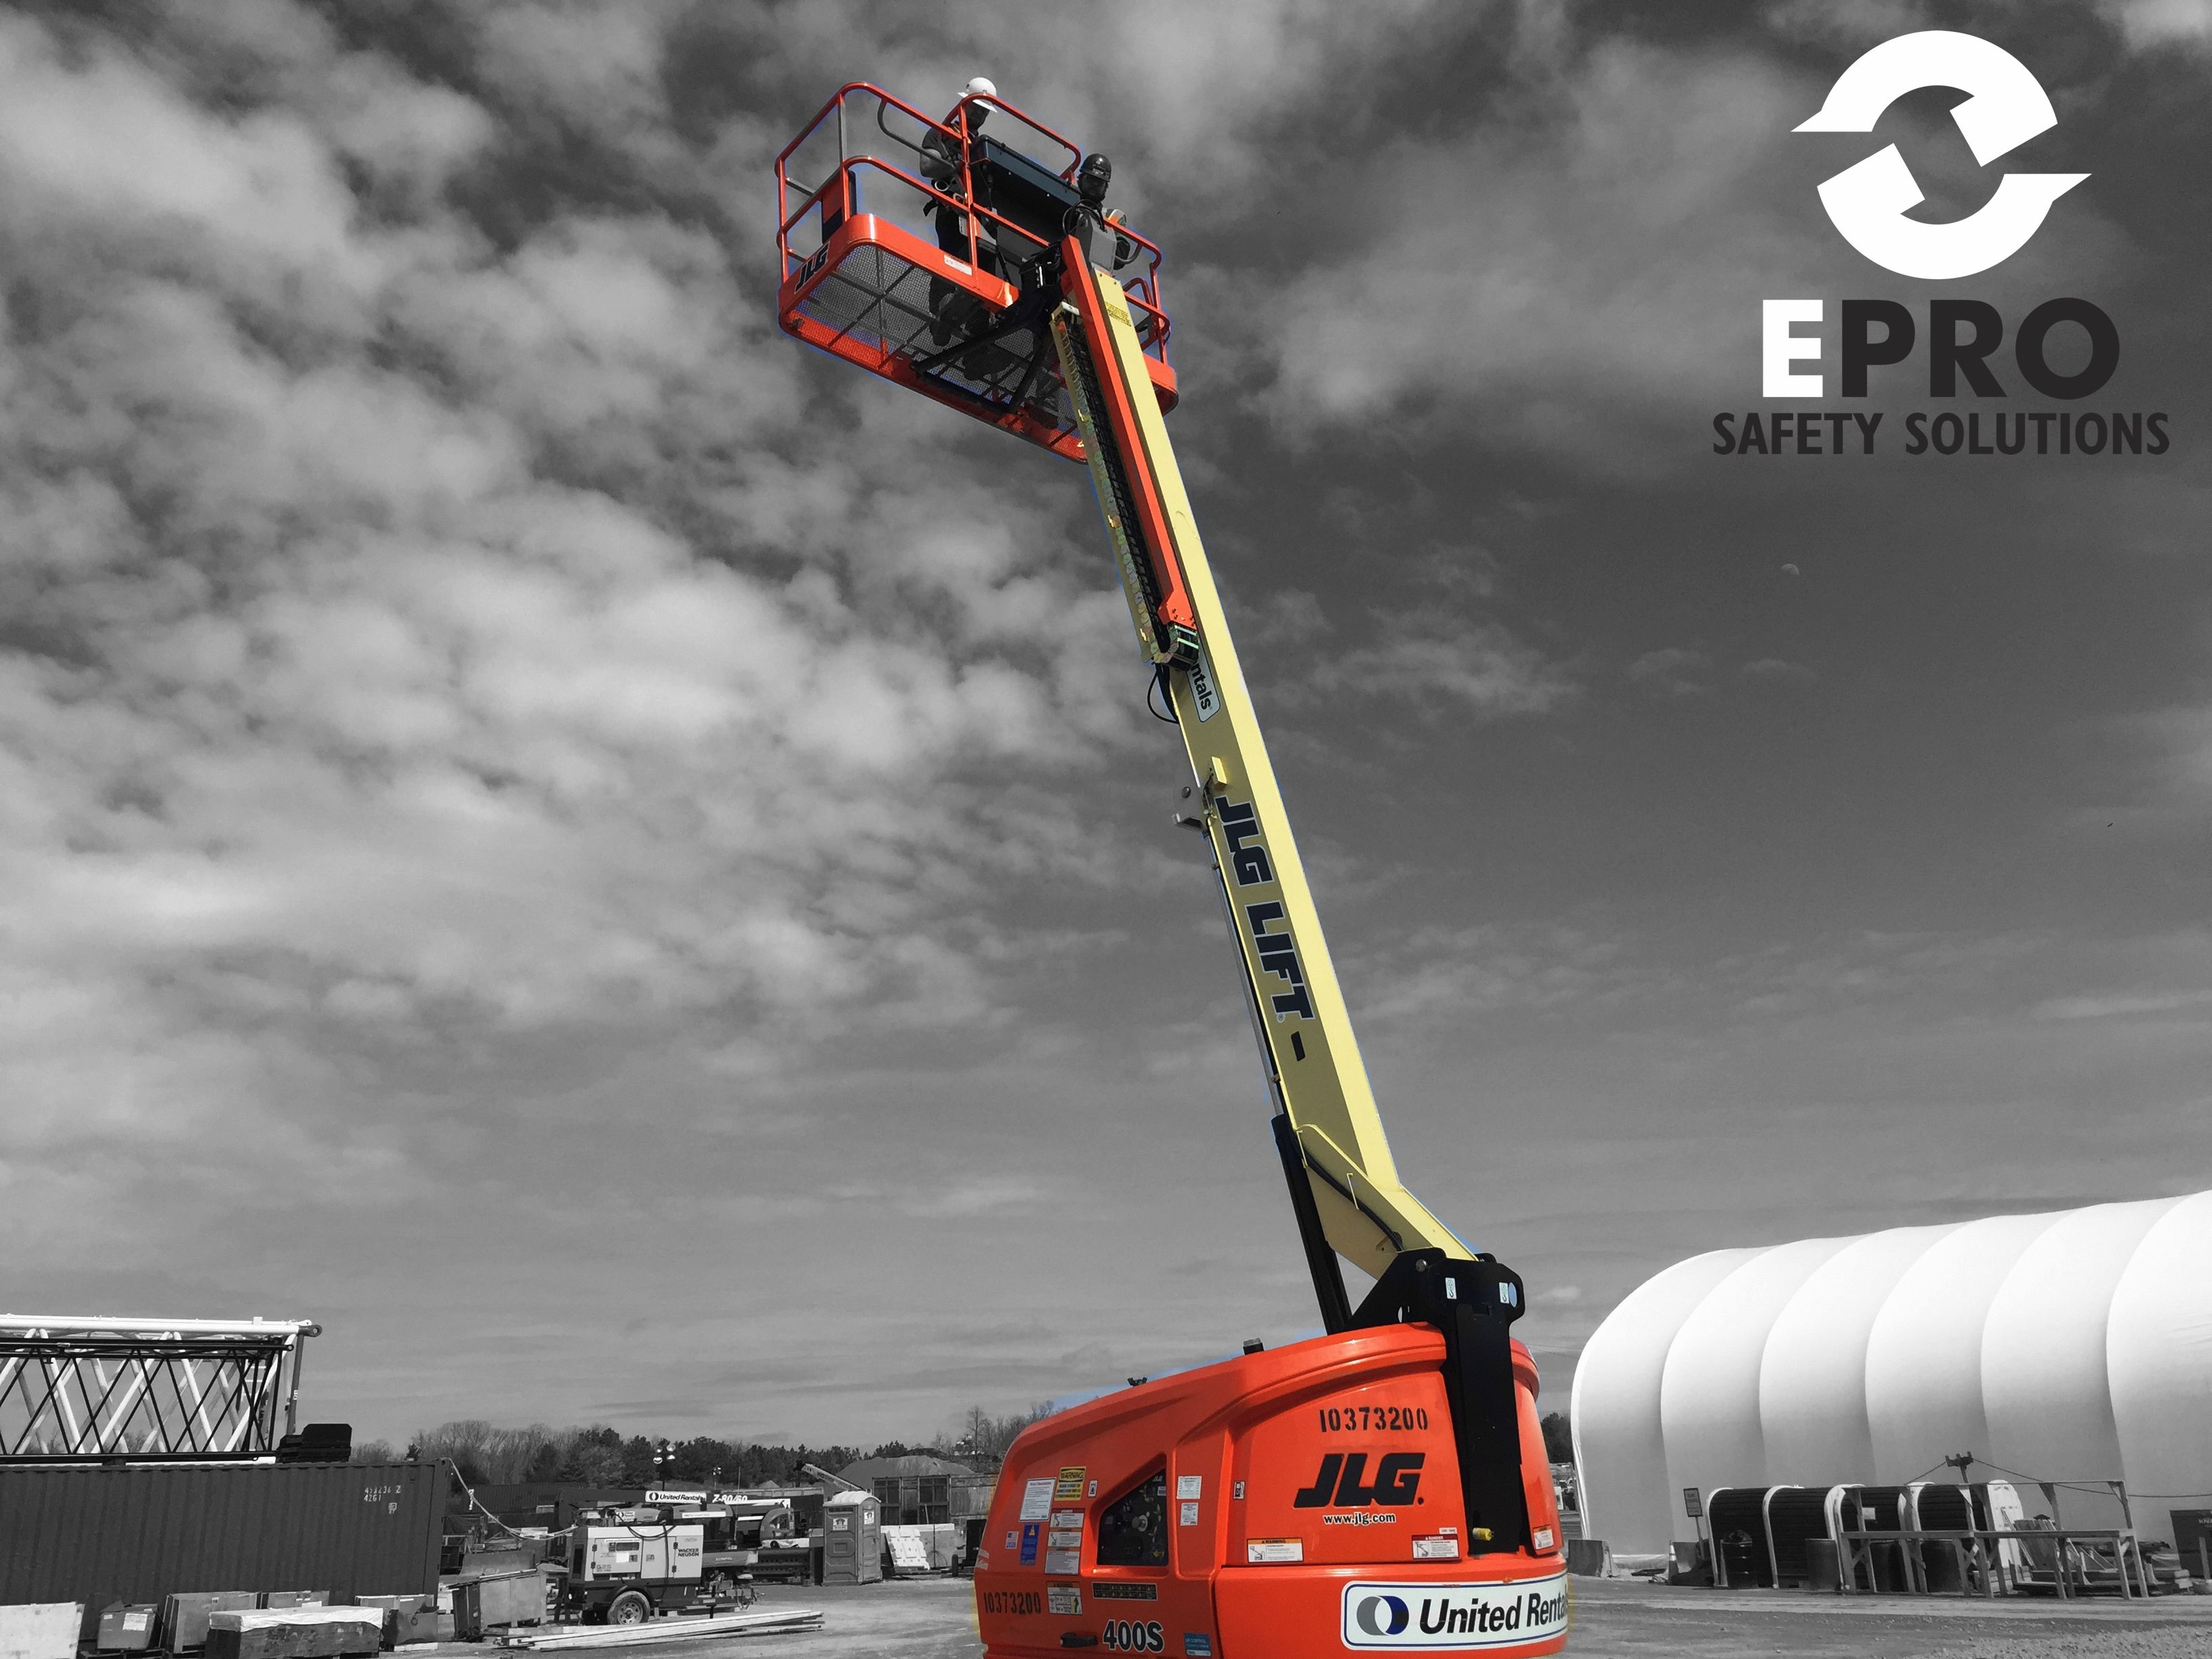 EPROSafety Construction Equipment Safety Training